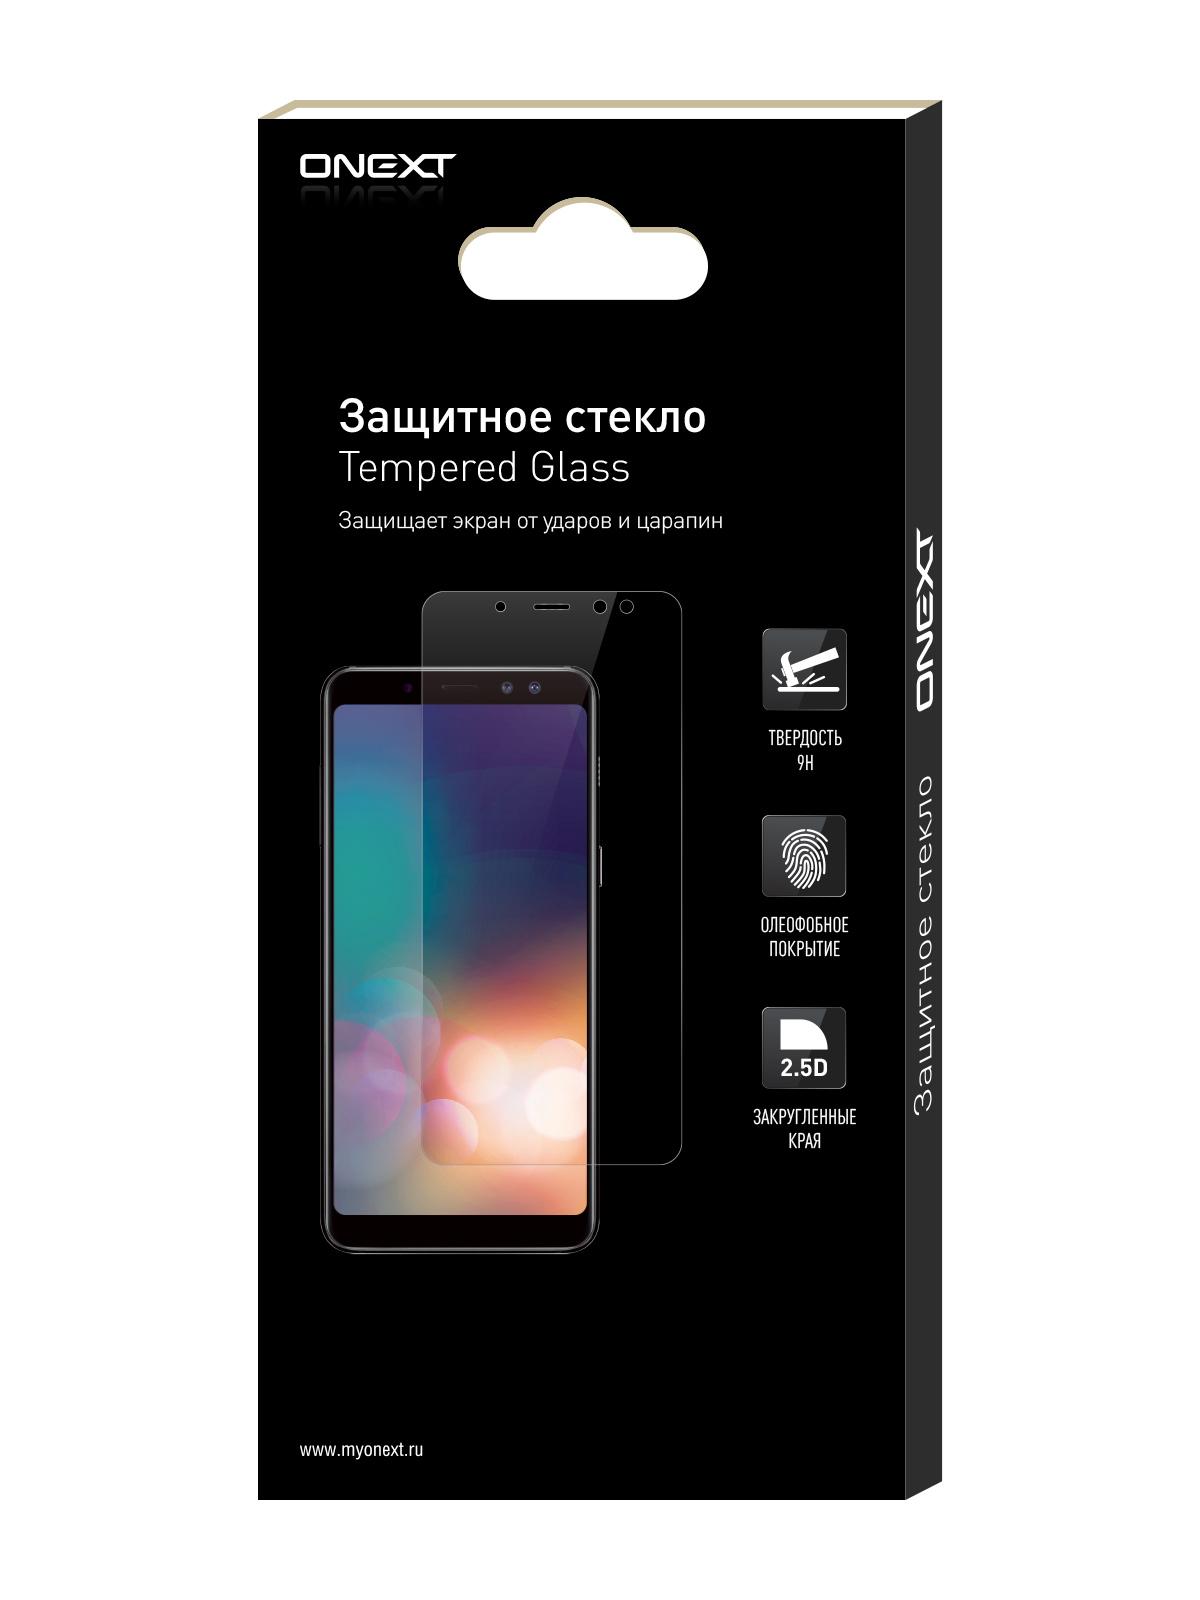 Защитное стекло ONEXT для Meizu iPhone X